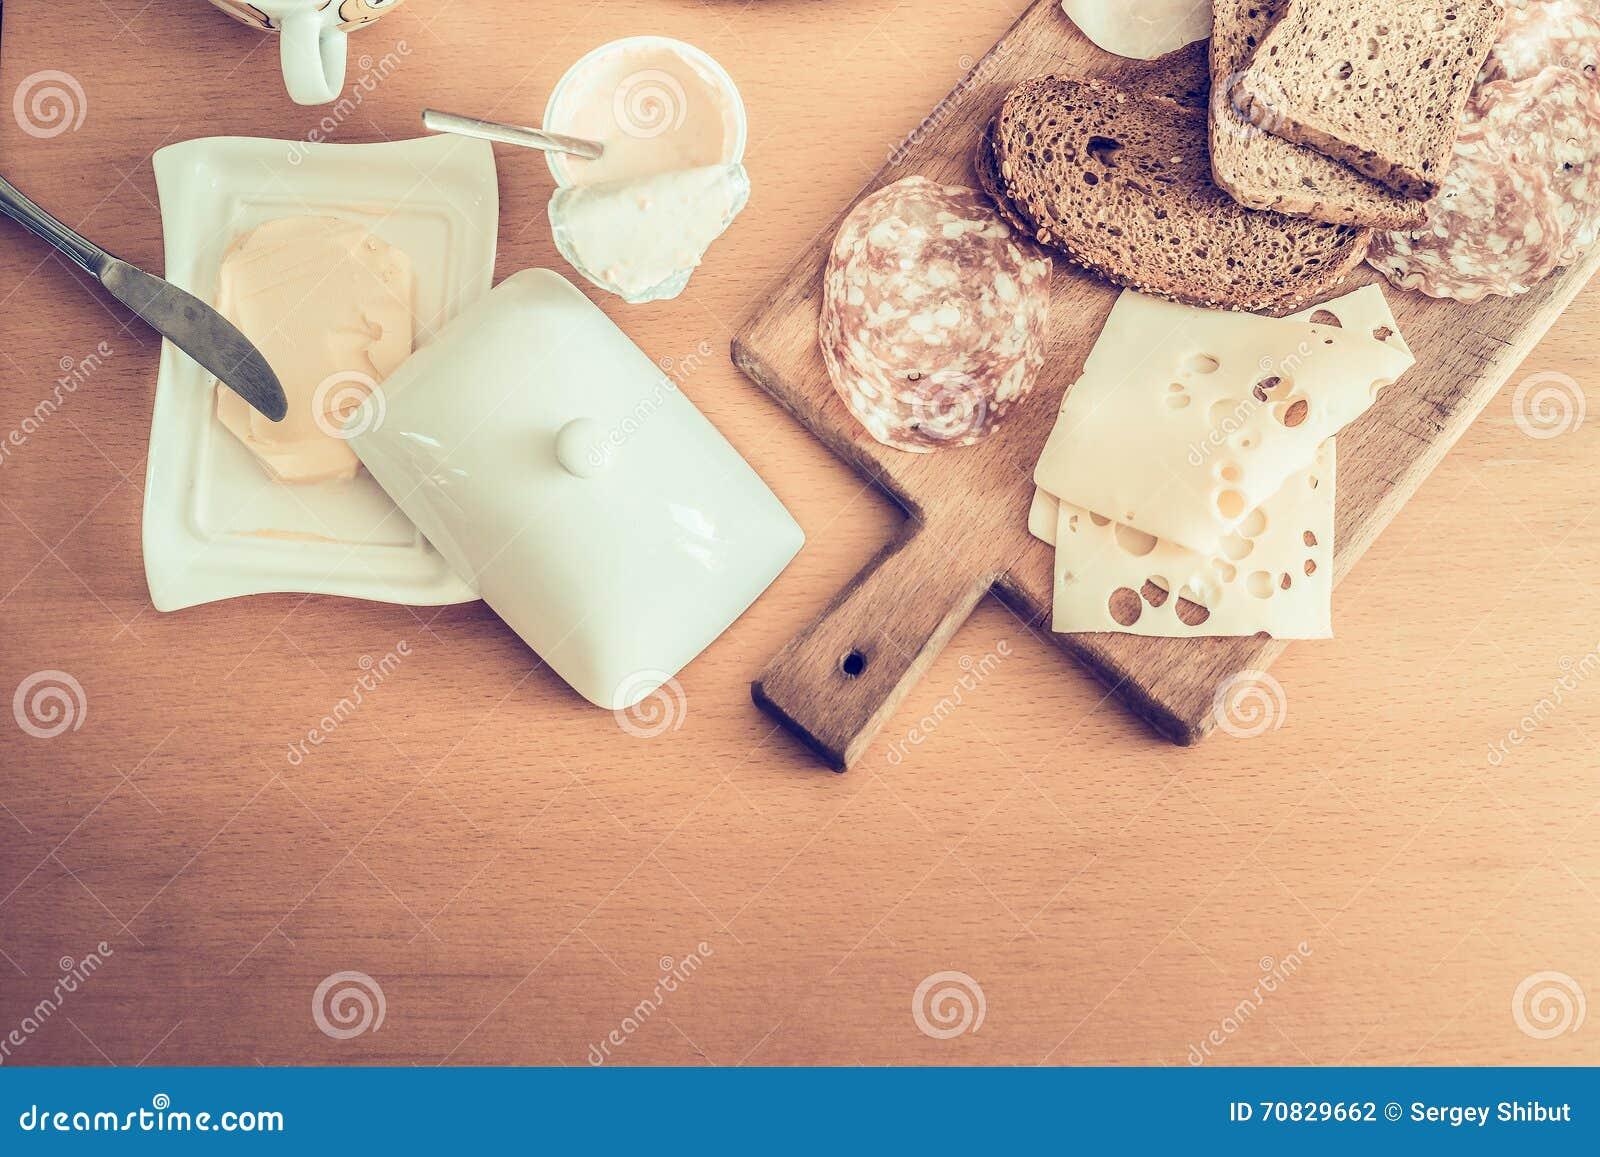 Prima colazione nutriente, ingredienti per produrre i panini con salame, burro e formaggio, yogurt su una vista di legno del pian